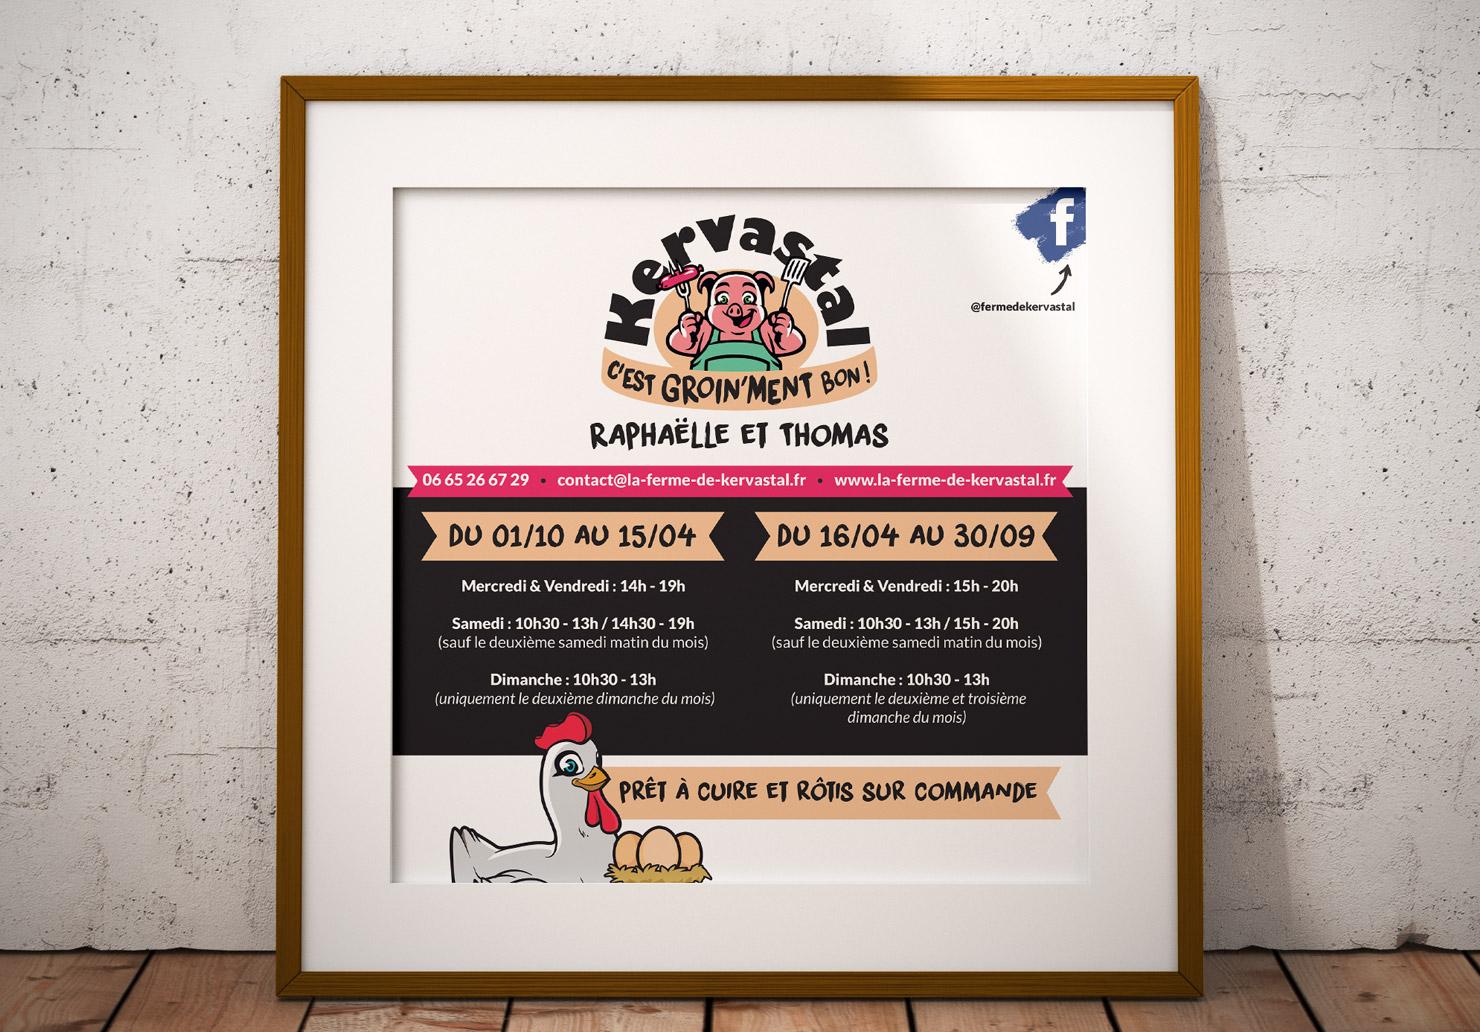 Panneau Publicitaire La Ferme de Kervastal - Création de panneau publicitaire par Emilie Le Béhérec Prima, Graphiste freelance dans le Finistère